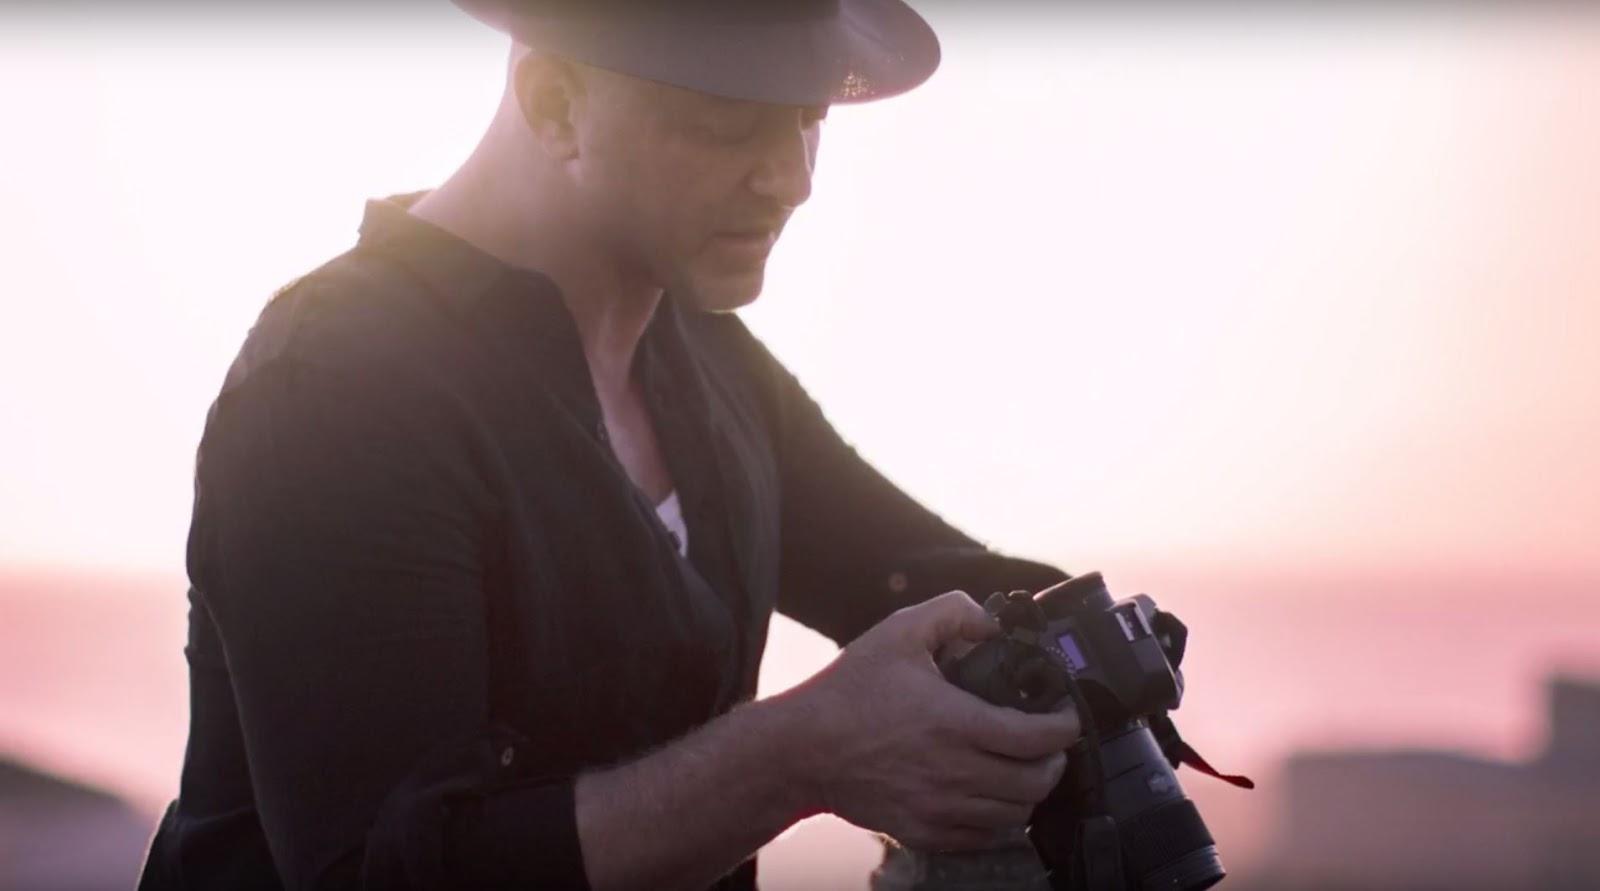 Celebrity photographer David Drebin